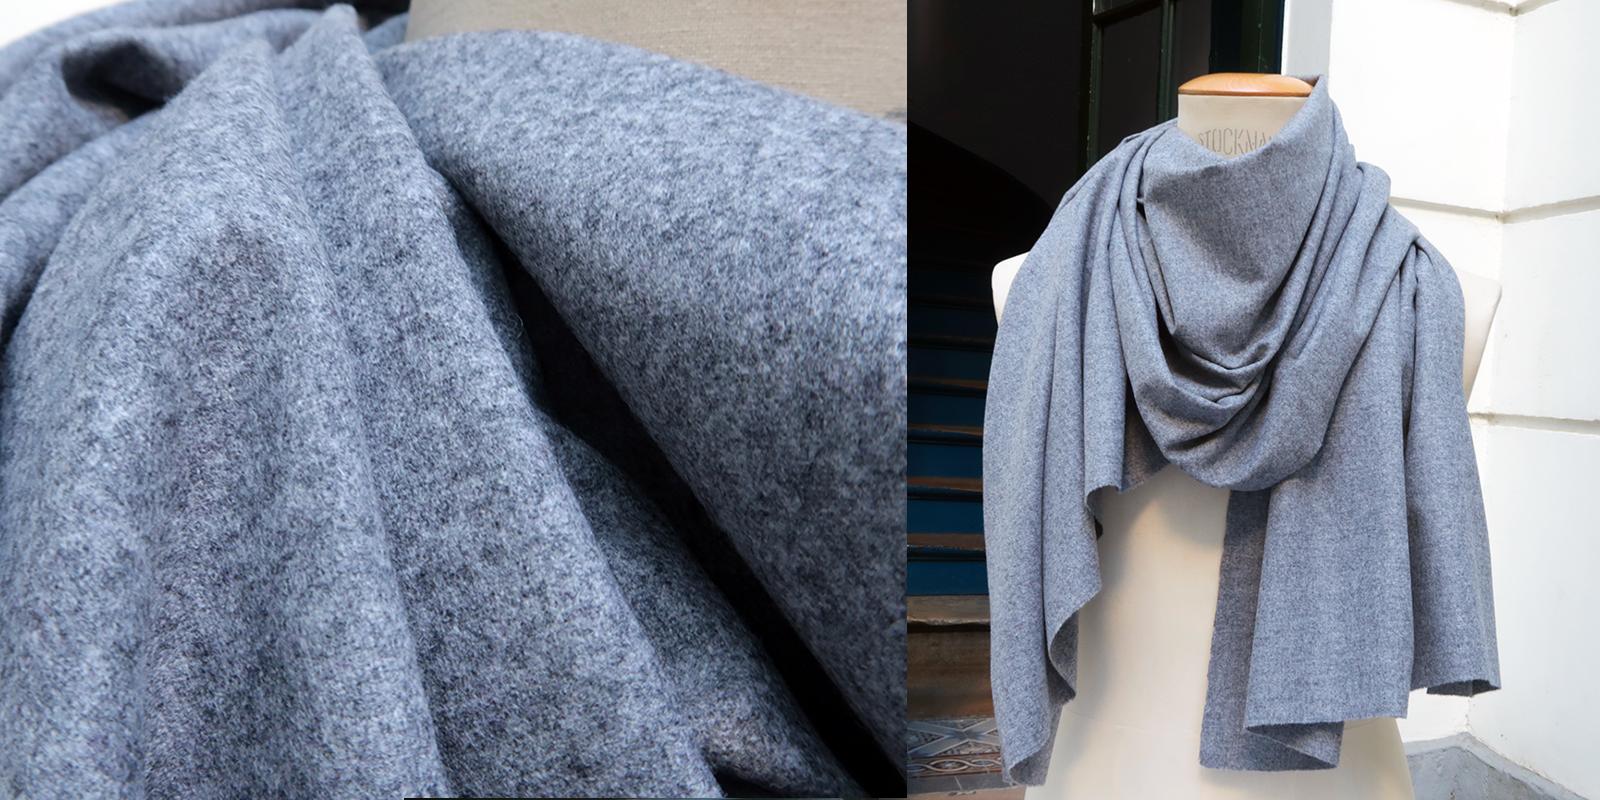 écharpe luxe en pure laine vierge Mérinos pour l'homme et la femme philippe gaber